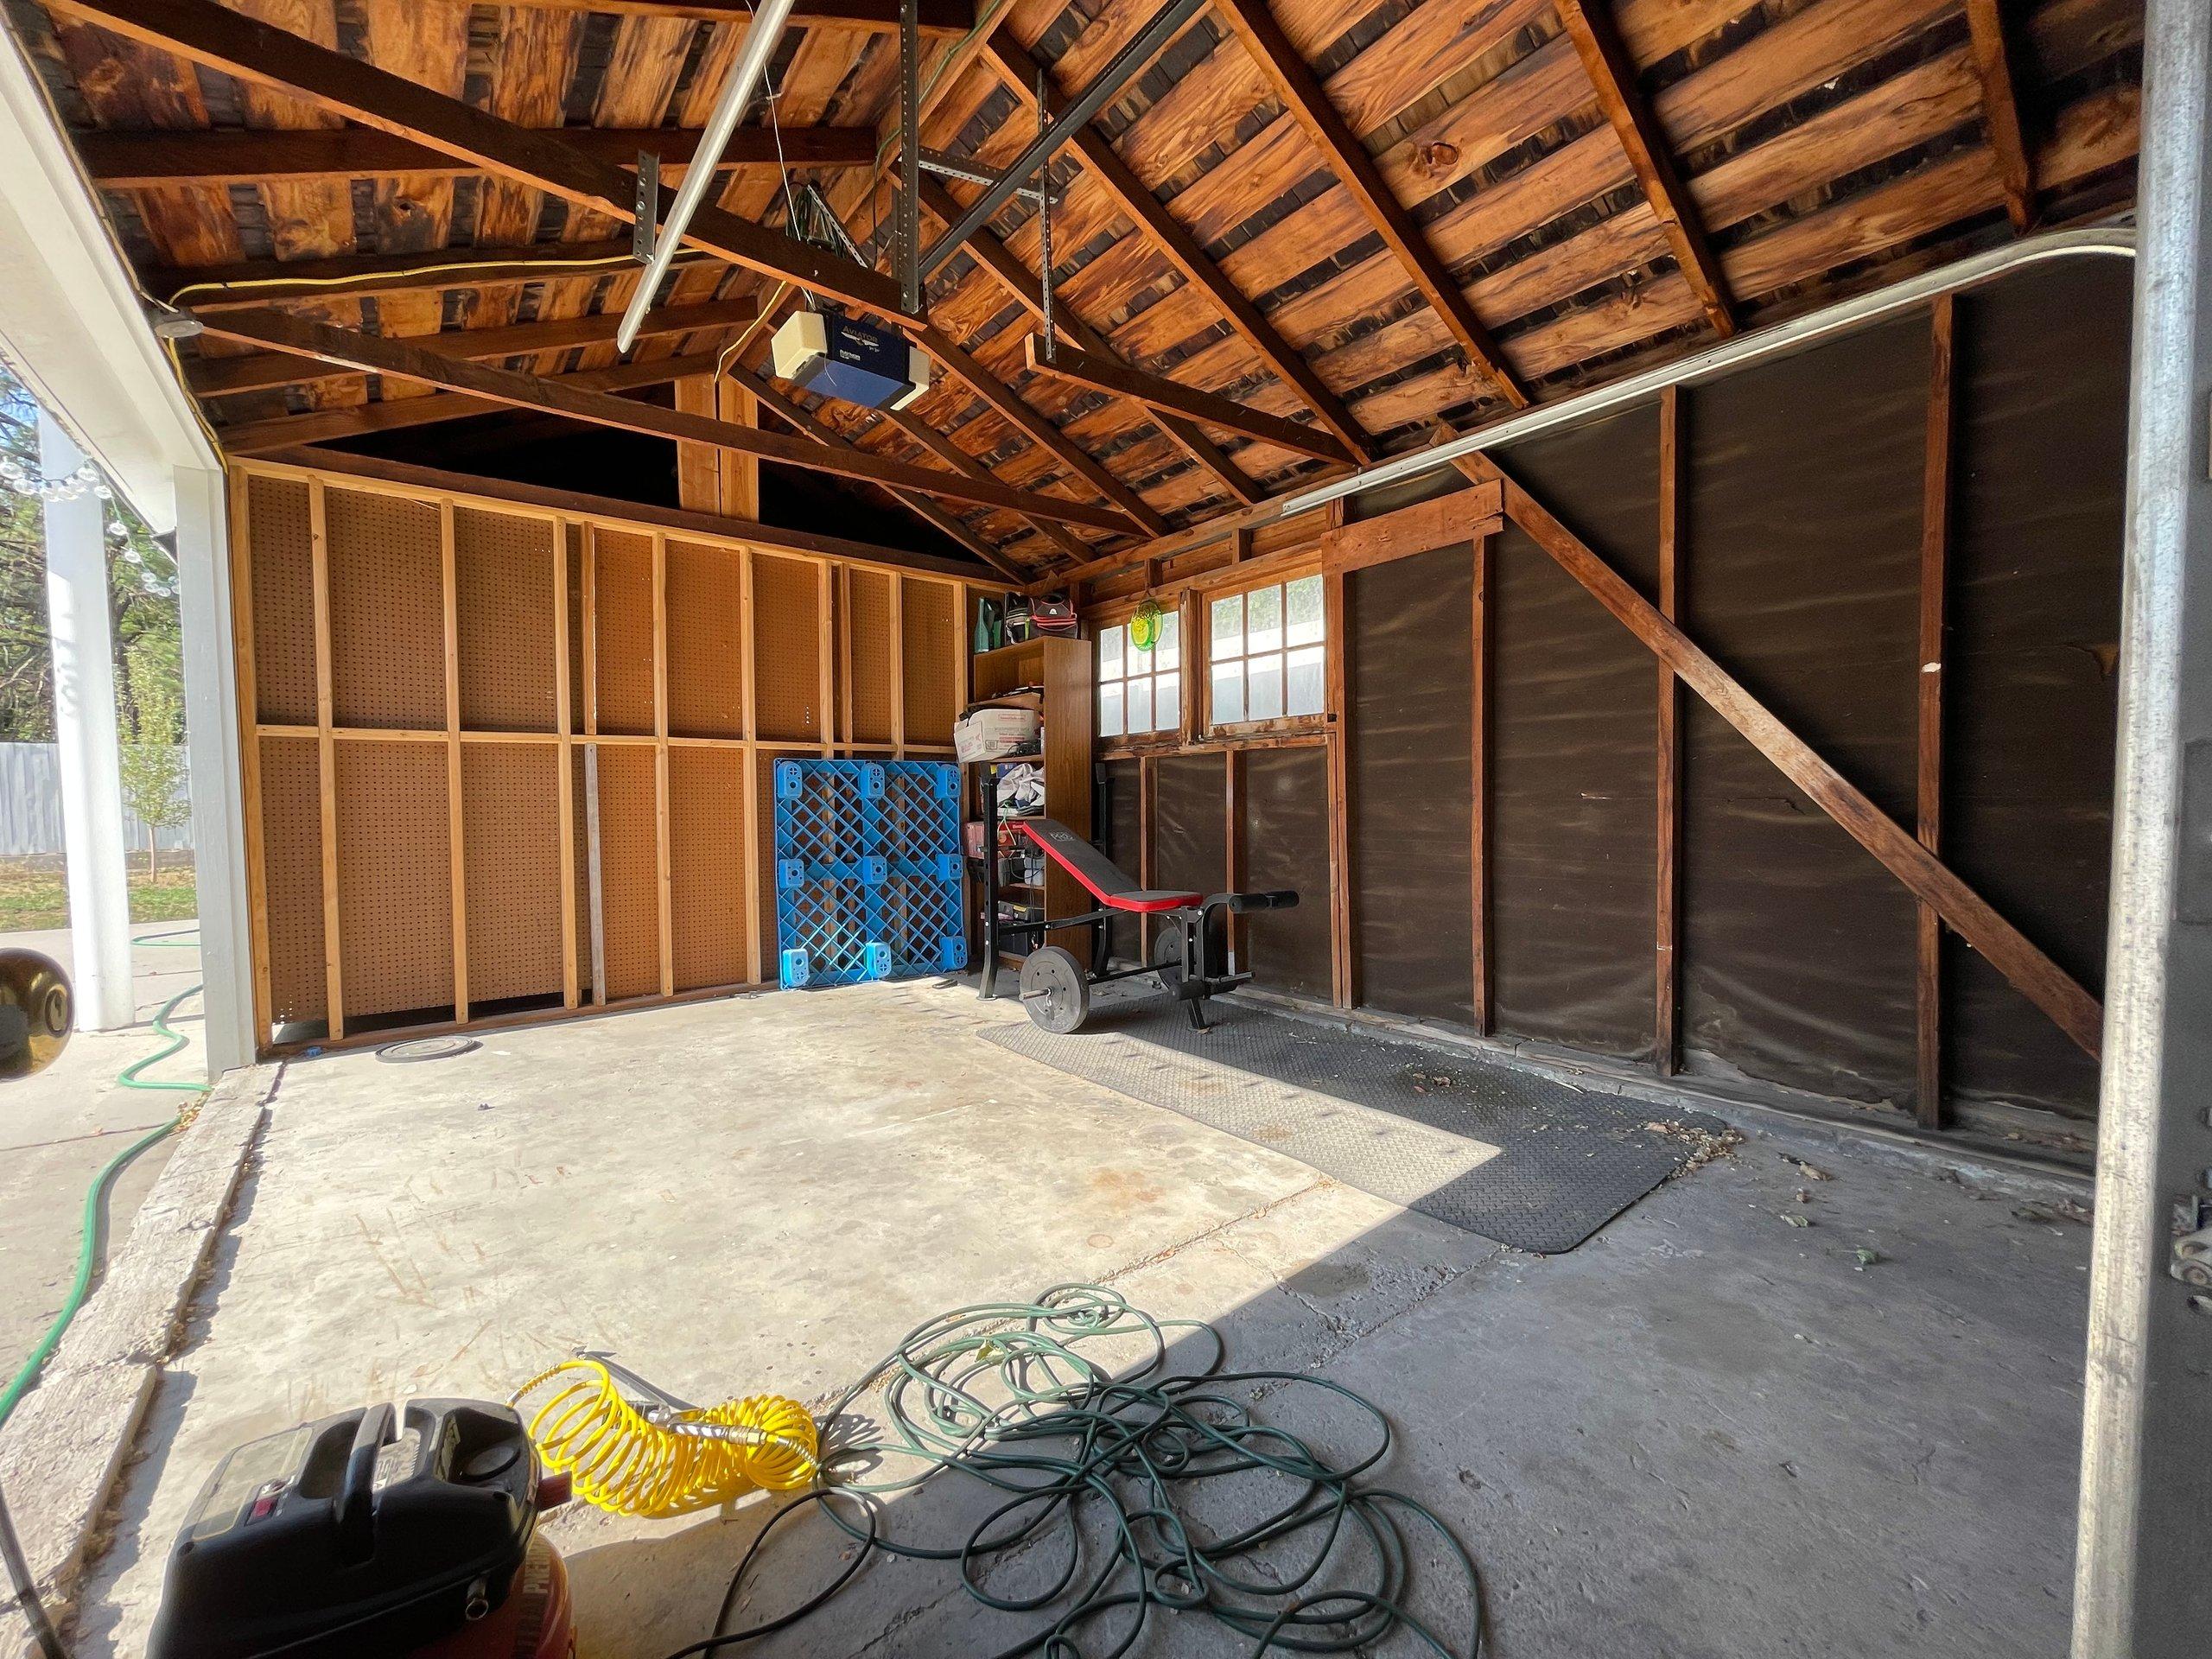 15x11 Carport self storage unit